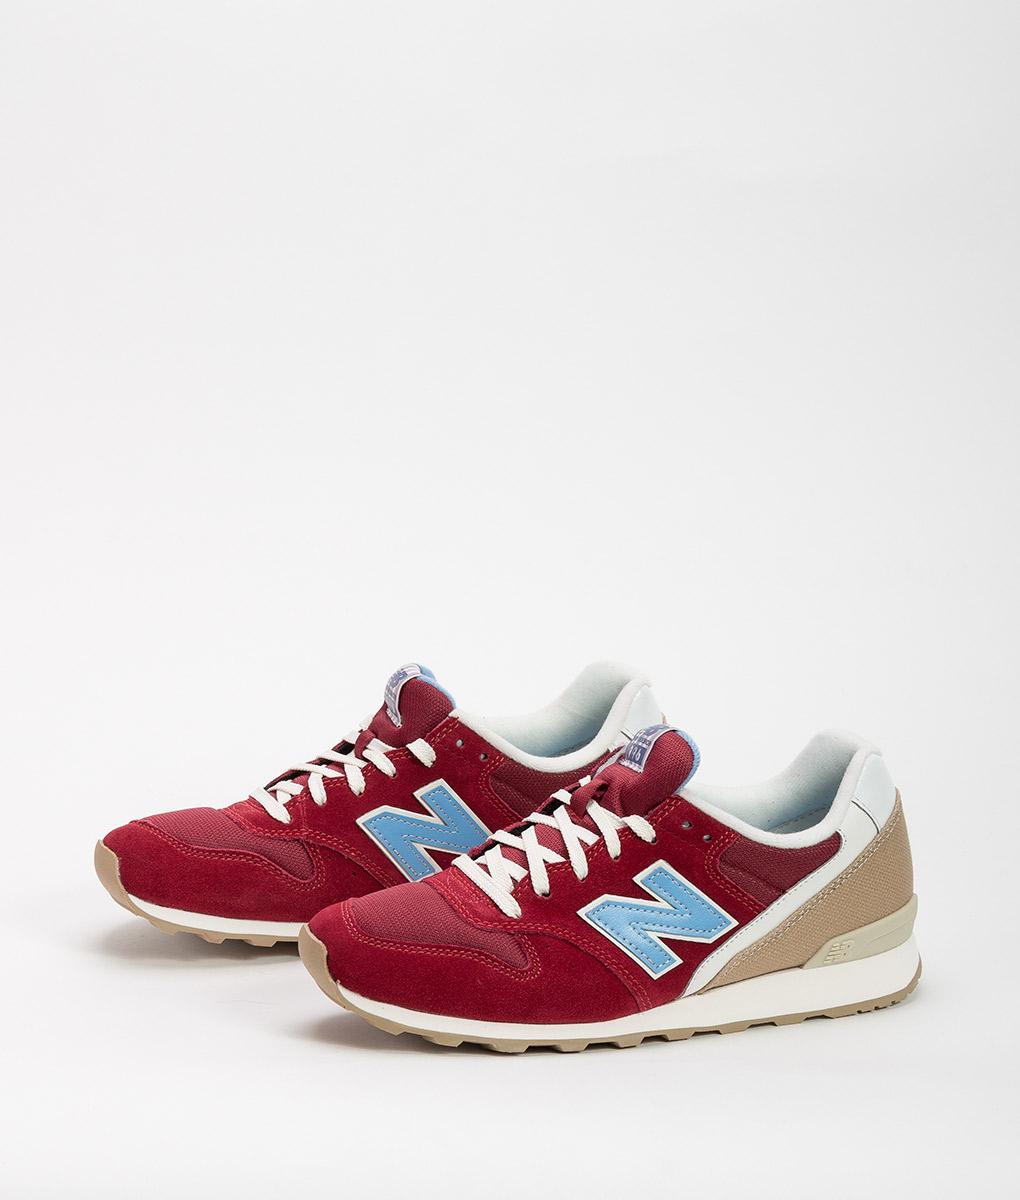 best website 2e009 ce1b3 NEW BALANCE Women Running Shoes WR996 Burgundy 99.99 2 – T6/8